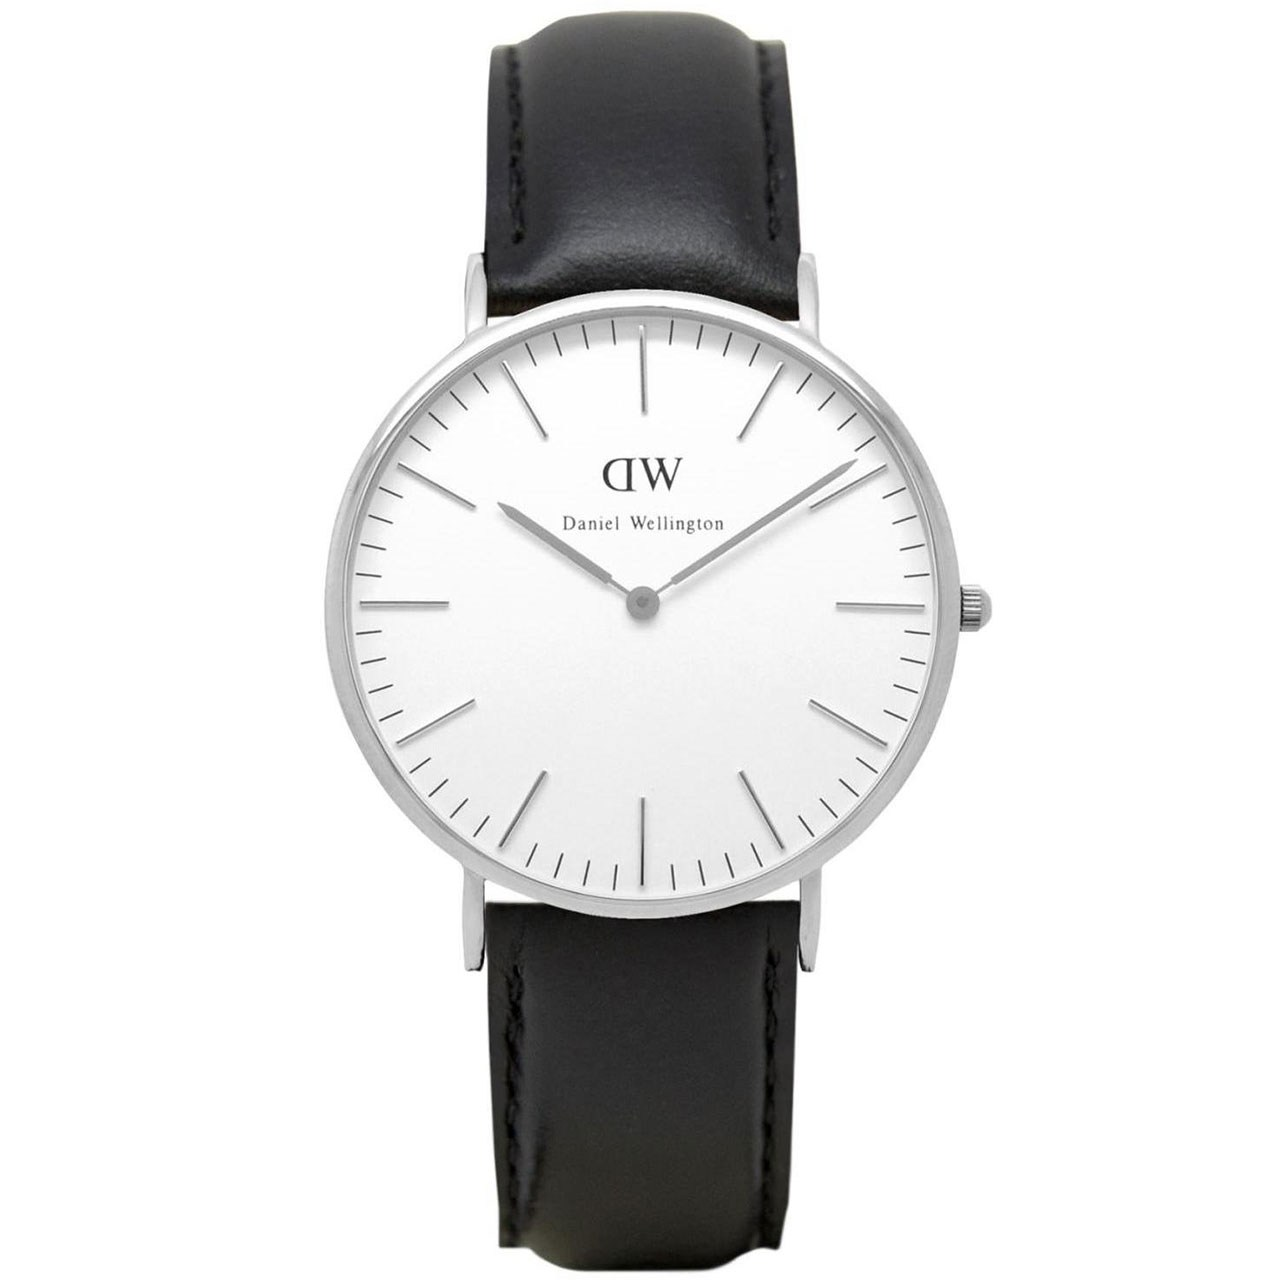 ساعت مچی عقربه ای مردانه دنیل ولینگتون مدل 0206DW              خرید (⭐️⭐️⭐️)